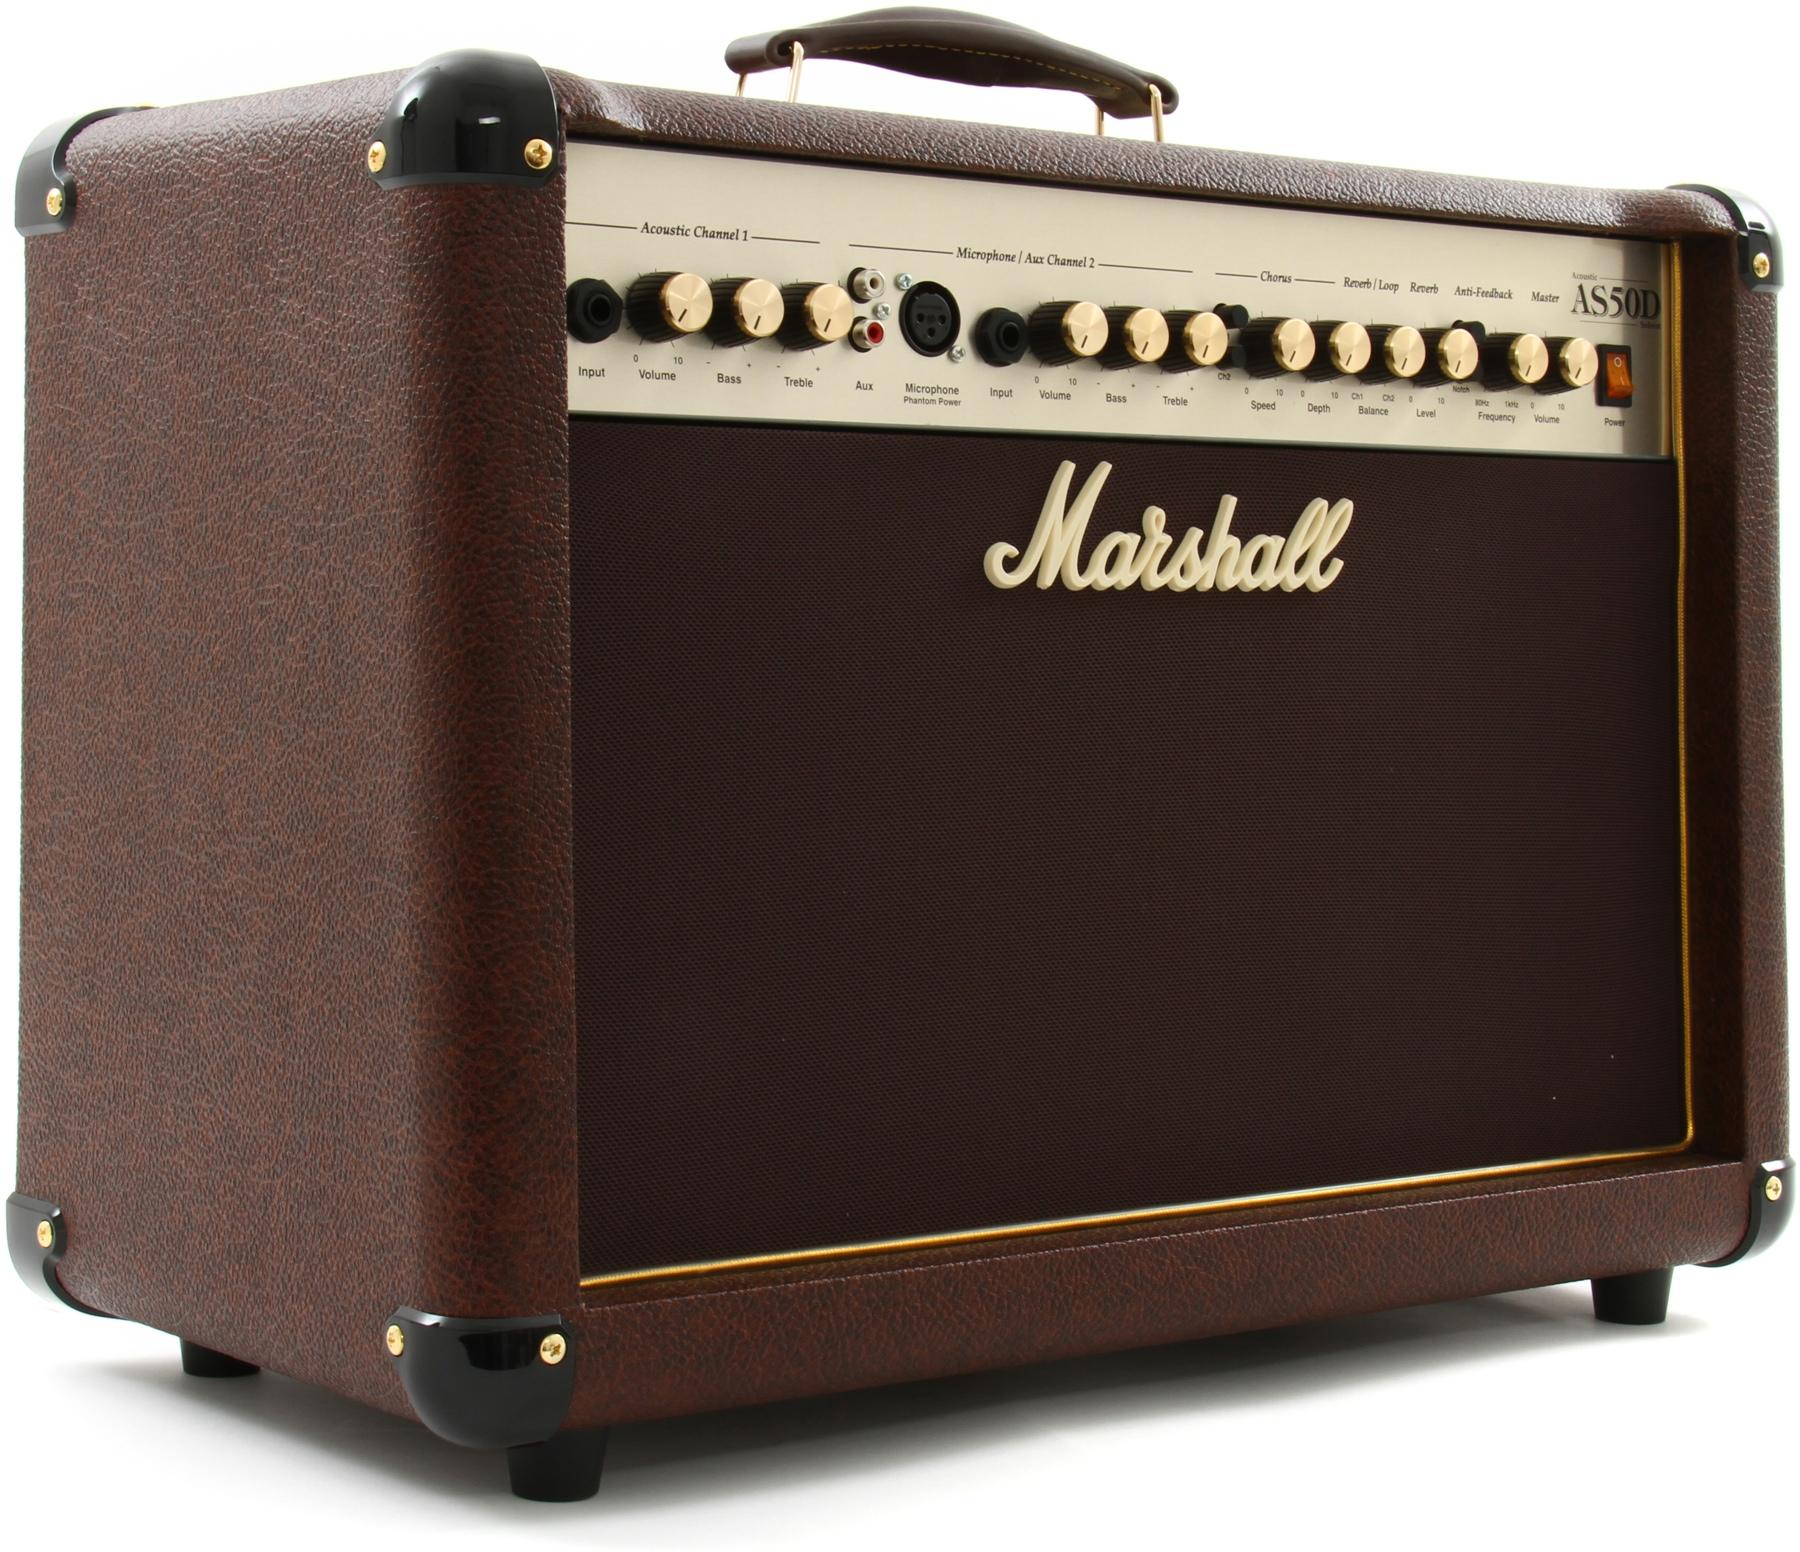 Bán loa acoustic Marshall AS50D new 100% giá tốt